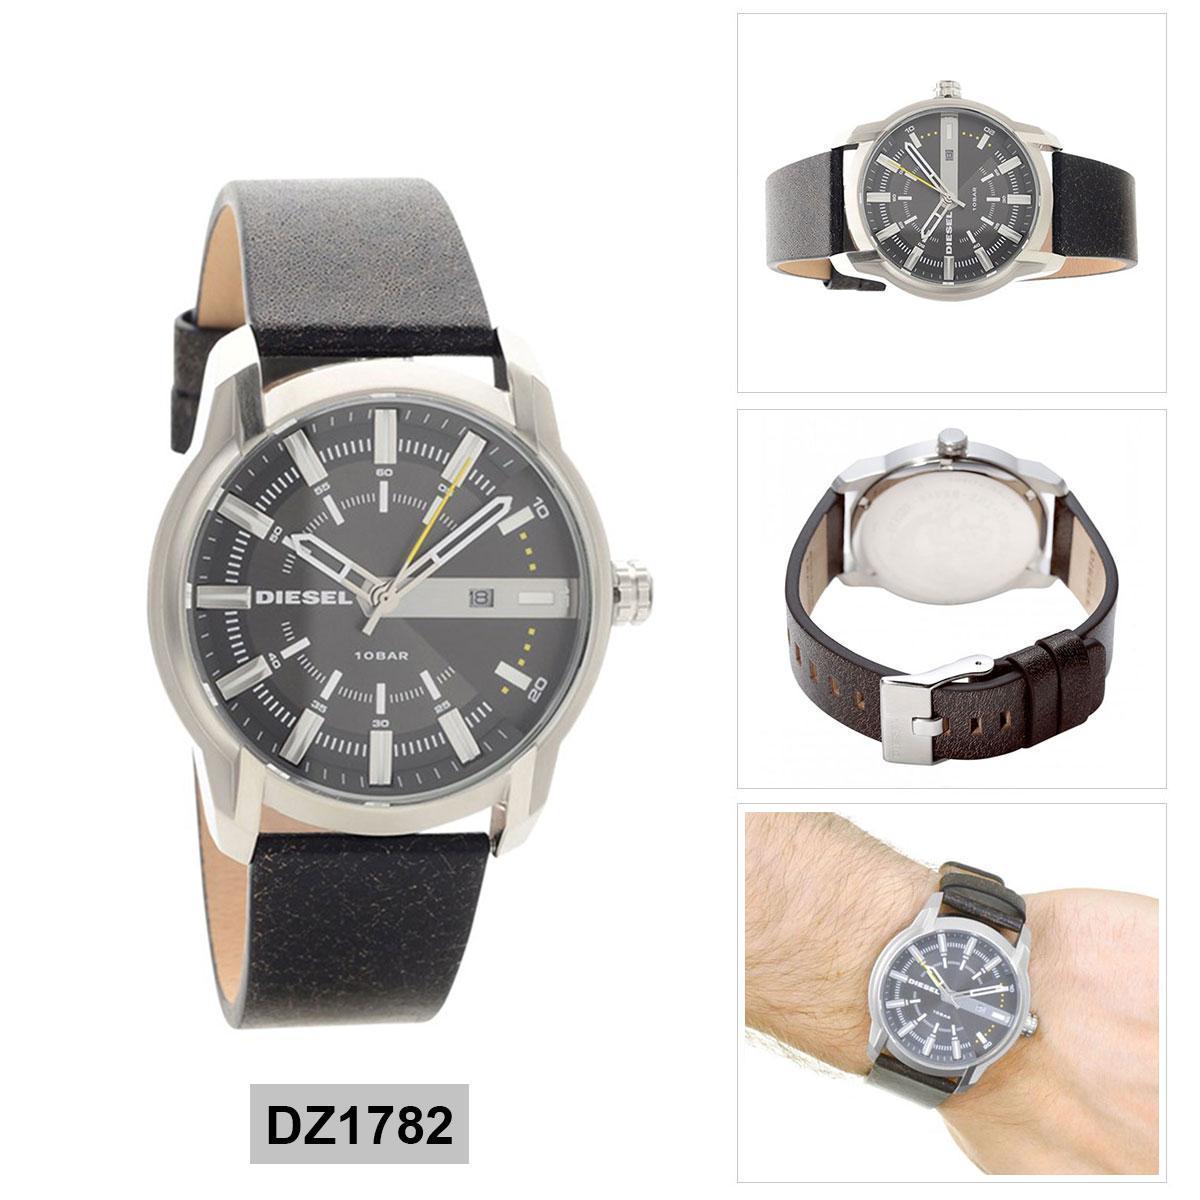 สอนใช้งาน  นครสวรรค์ Authentic Diesel Armbar Brown Stainless-Steel Case Leather Strap Mens DZ1782 2 Years Warranty